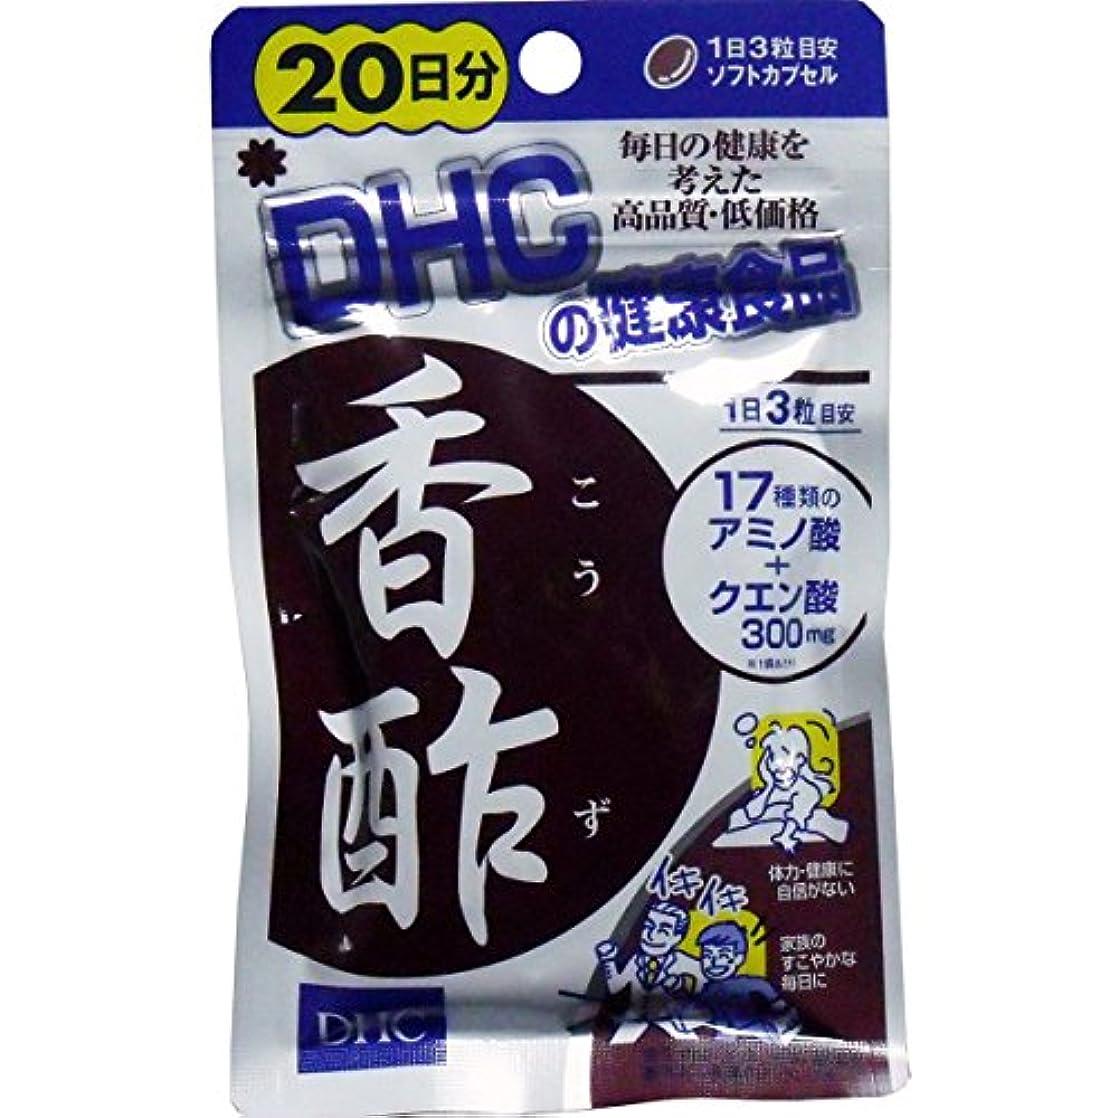 敗北カタログ提供するDHC香酢20日分 60粒【3個セット】